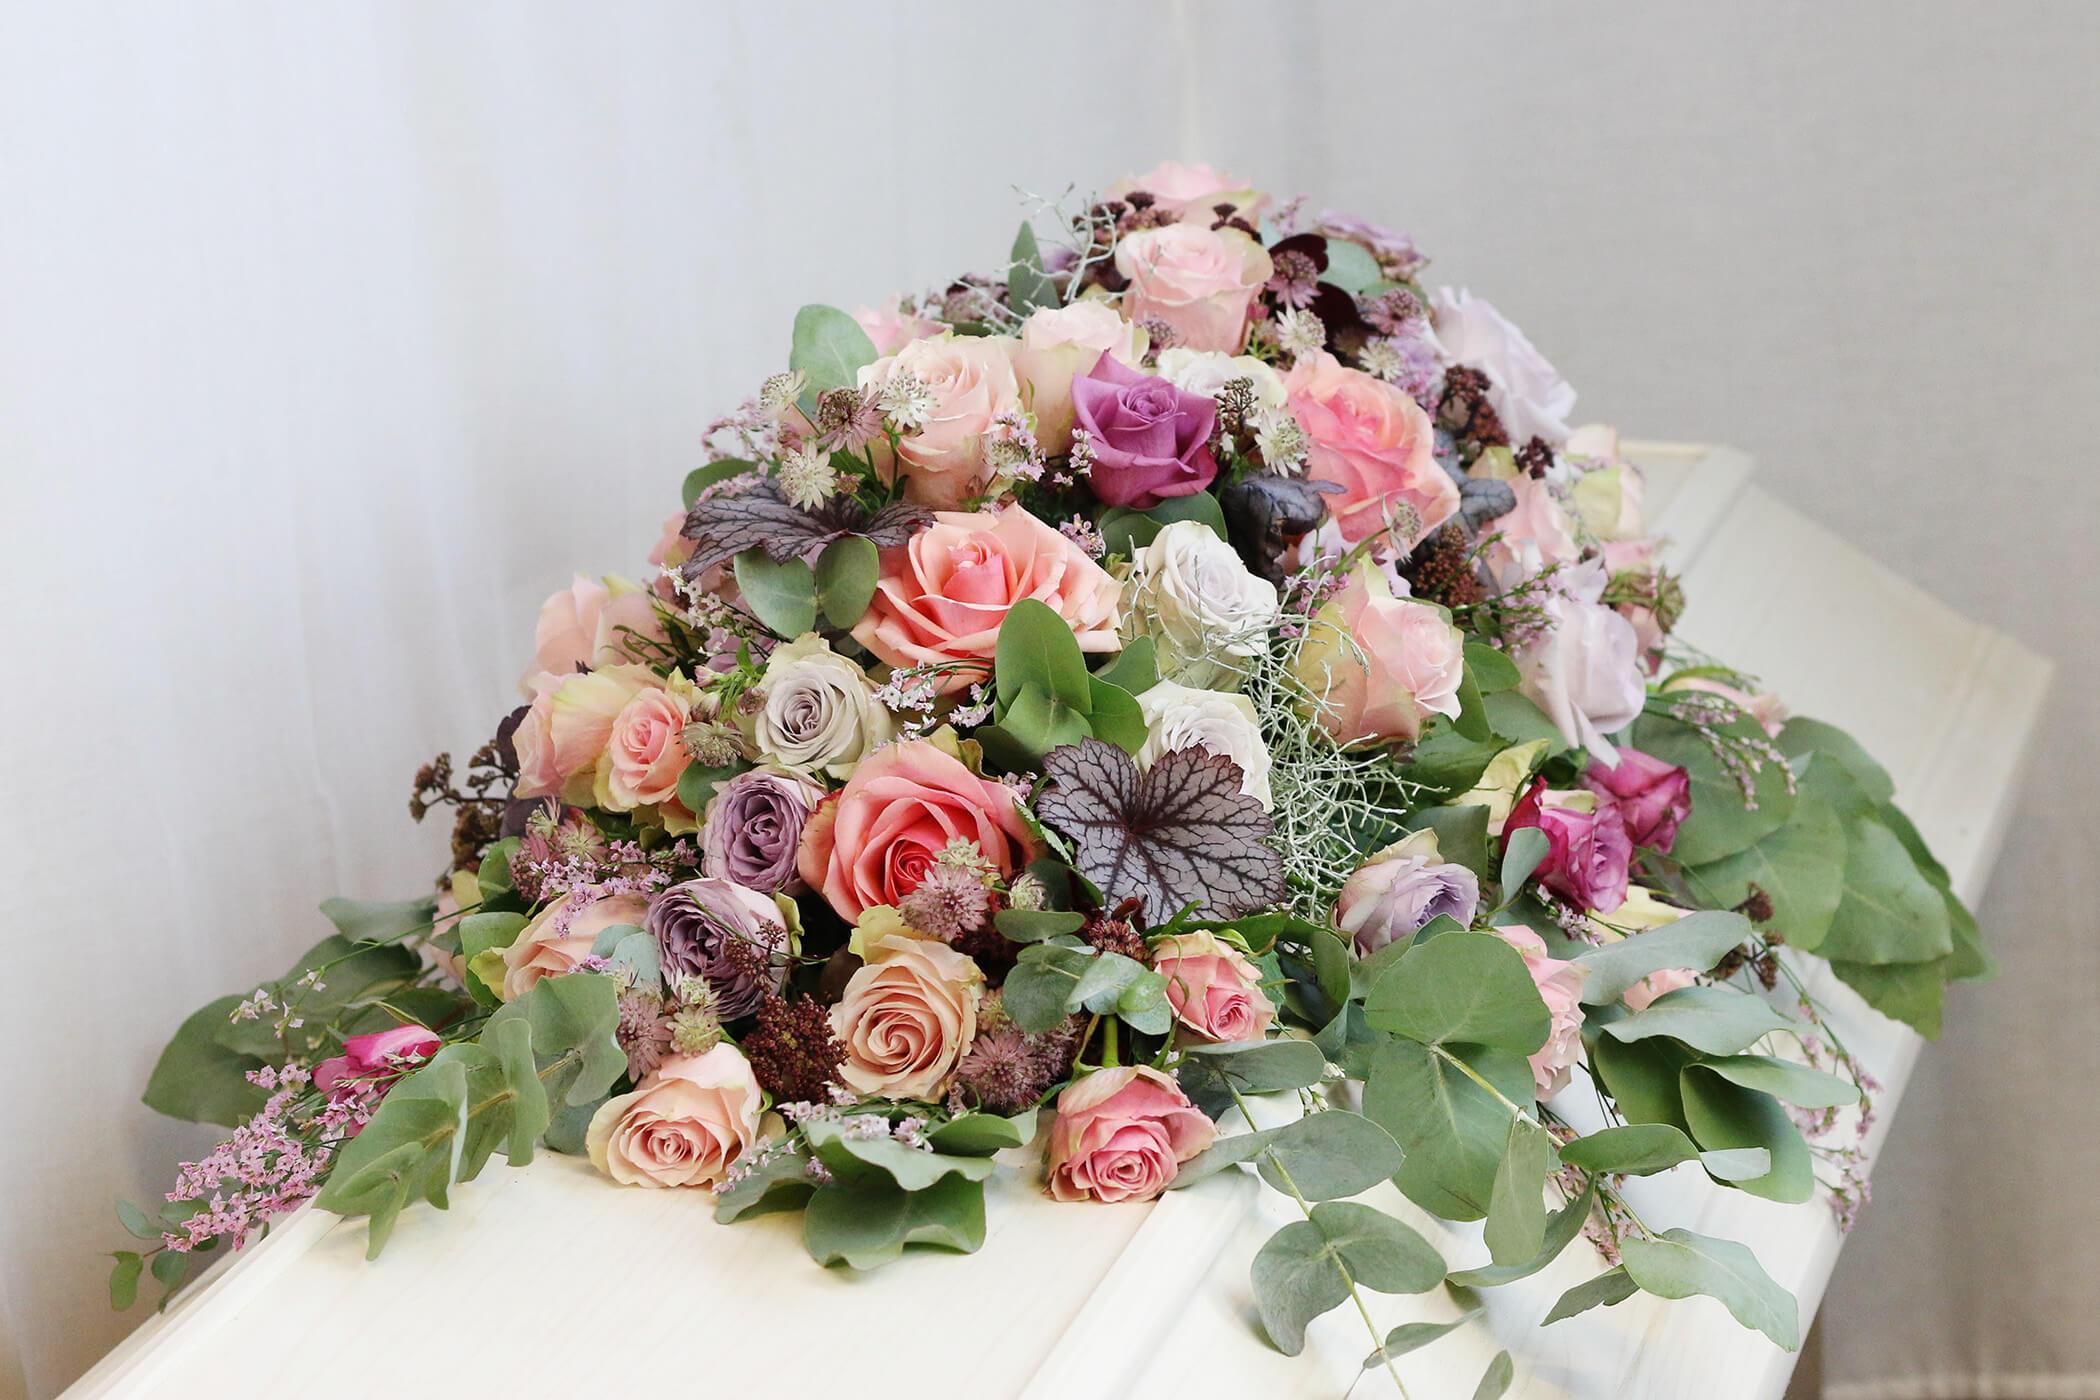 Denna kistdekoration har en mild färgskala i pasteller. Blekt rosa, lila och vitt ramas in av eucalyptus i grågrönt. Blommorna varierar efter säsong men just här har vi använt rosor, stjärnflocka, alunrot och silvergirland.